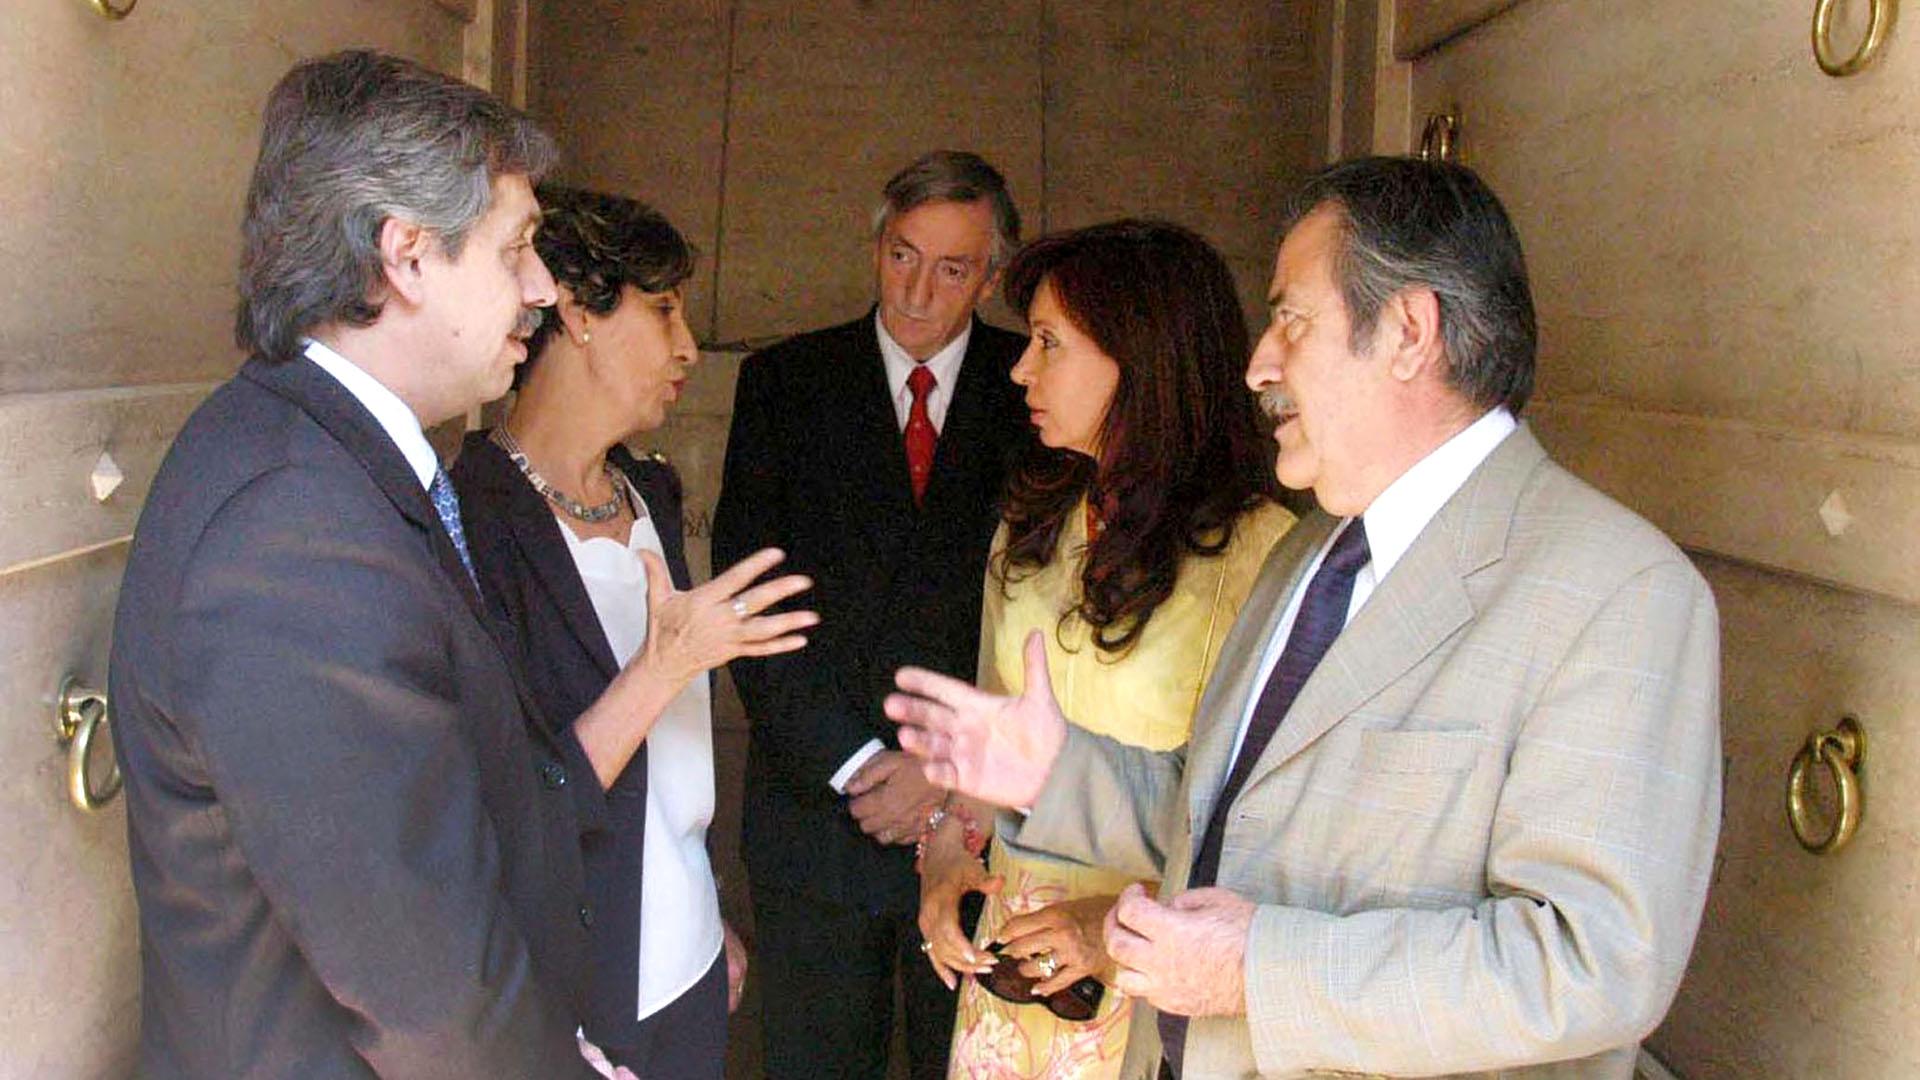 En marzo del 2004, el presidente Néstor Kirchner, su esposa Cristina Fernández y la diputada del Partido Socialista de Chile, Isabel Allende, hija del extinto presidente Salvador Allende, visitan la tumba de éste último en el cementerio nacional de Santiago, Chile.